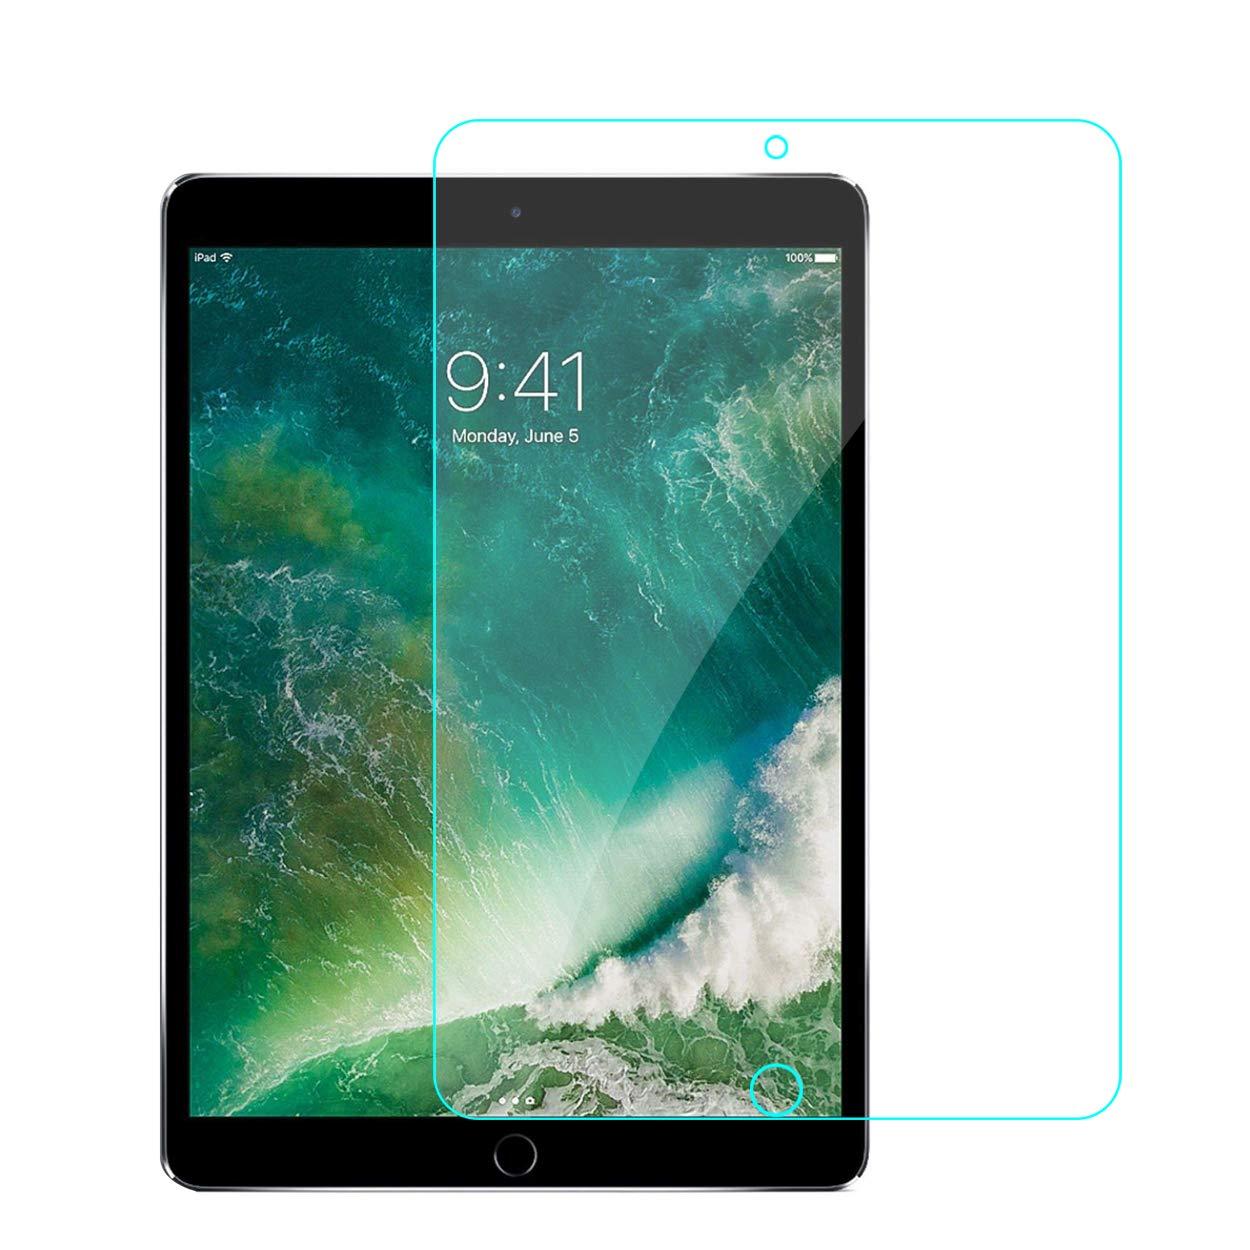 ZMINDCH 強化ガラススクリーンプロテクター iPad Pro 10.5インチ用 2枚パック Apple iPad Pro 10.5インチ用 2017年モデル ケース対応 Apple Pencil対応 0.33mm 2.5D 丸みを帯びたエッジ   B07L6D9XNP